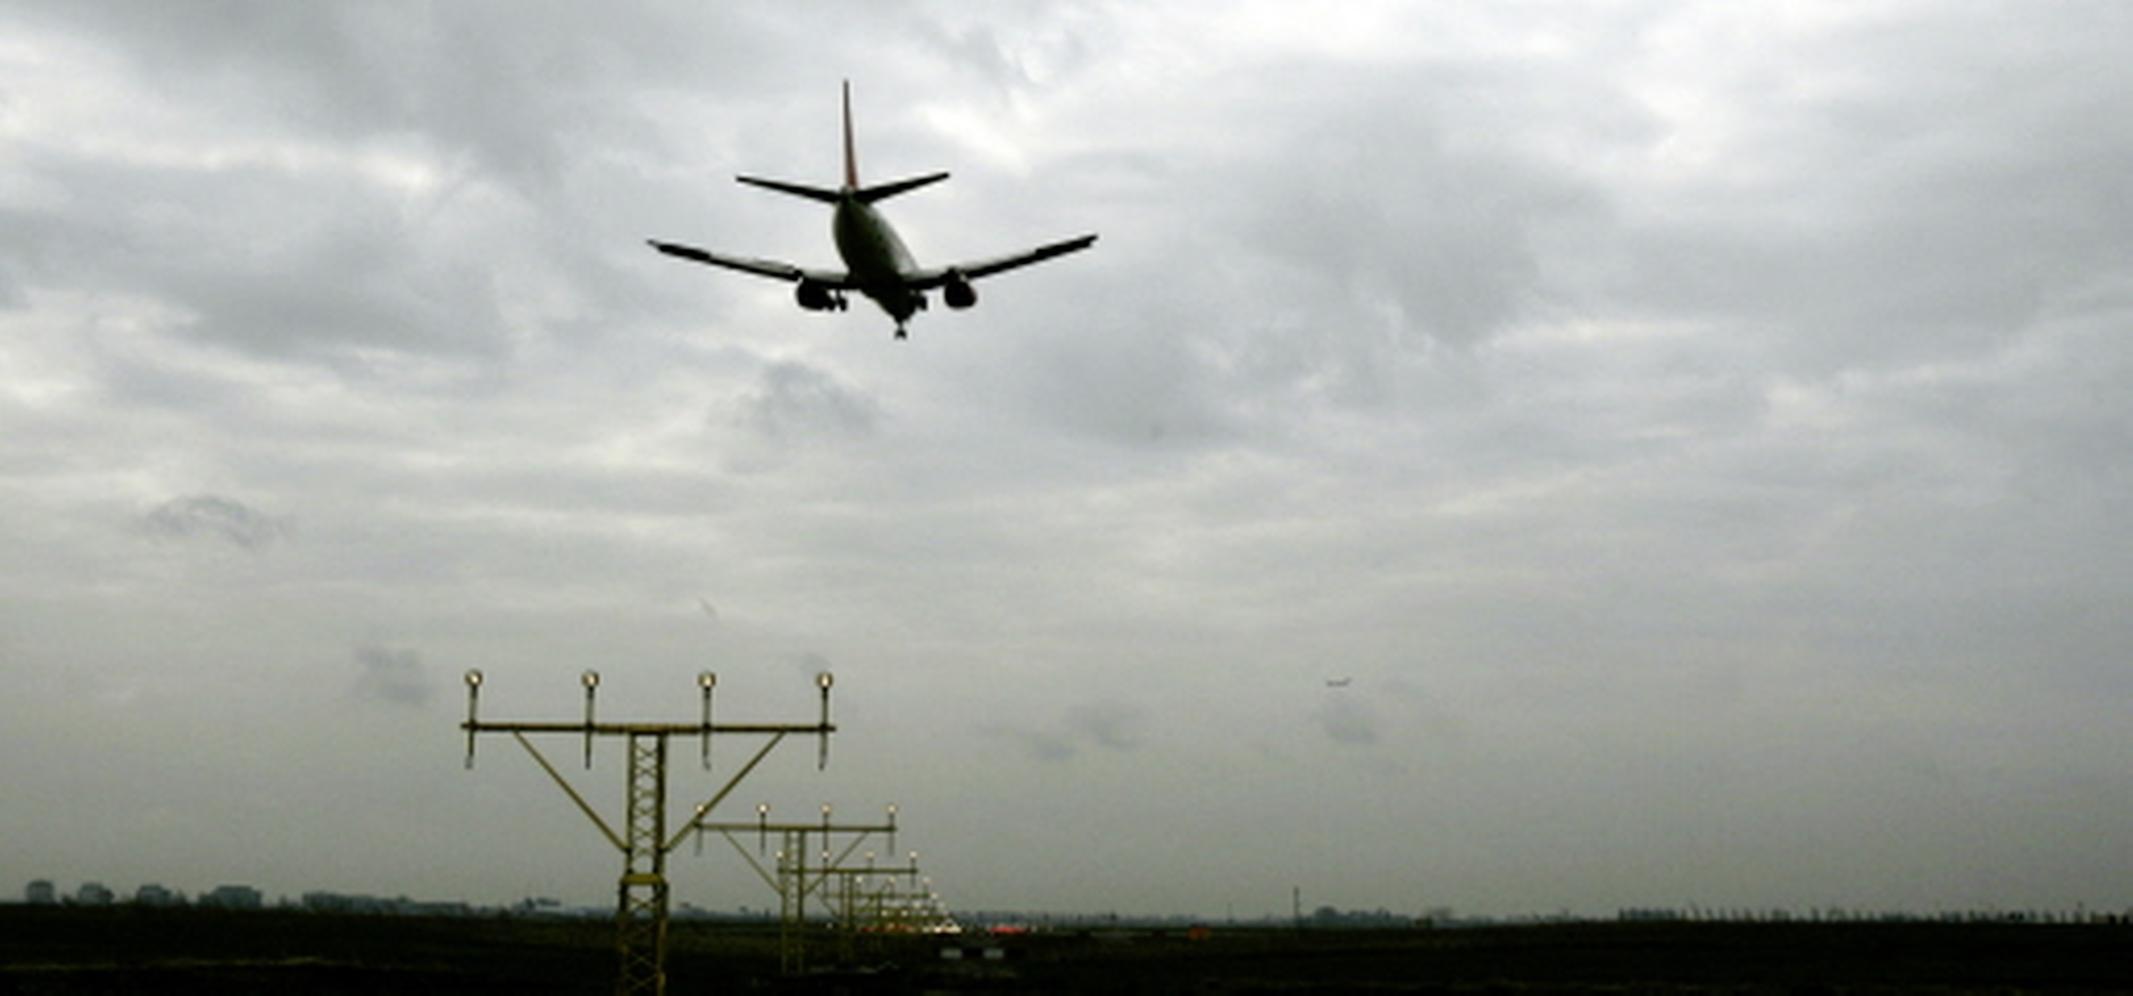 In paar weken tijd ruim 5000 gevallen vliegtuigoverlast bij nieuw meldpunt